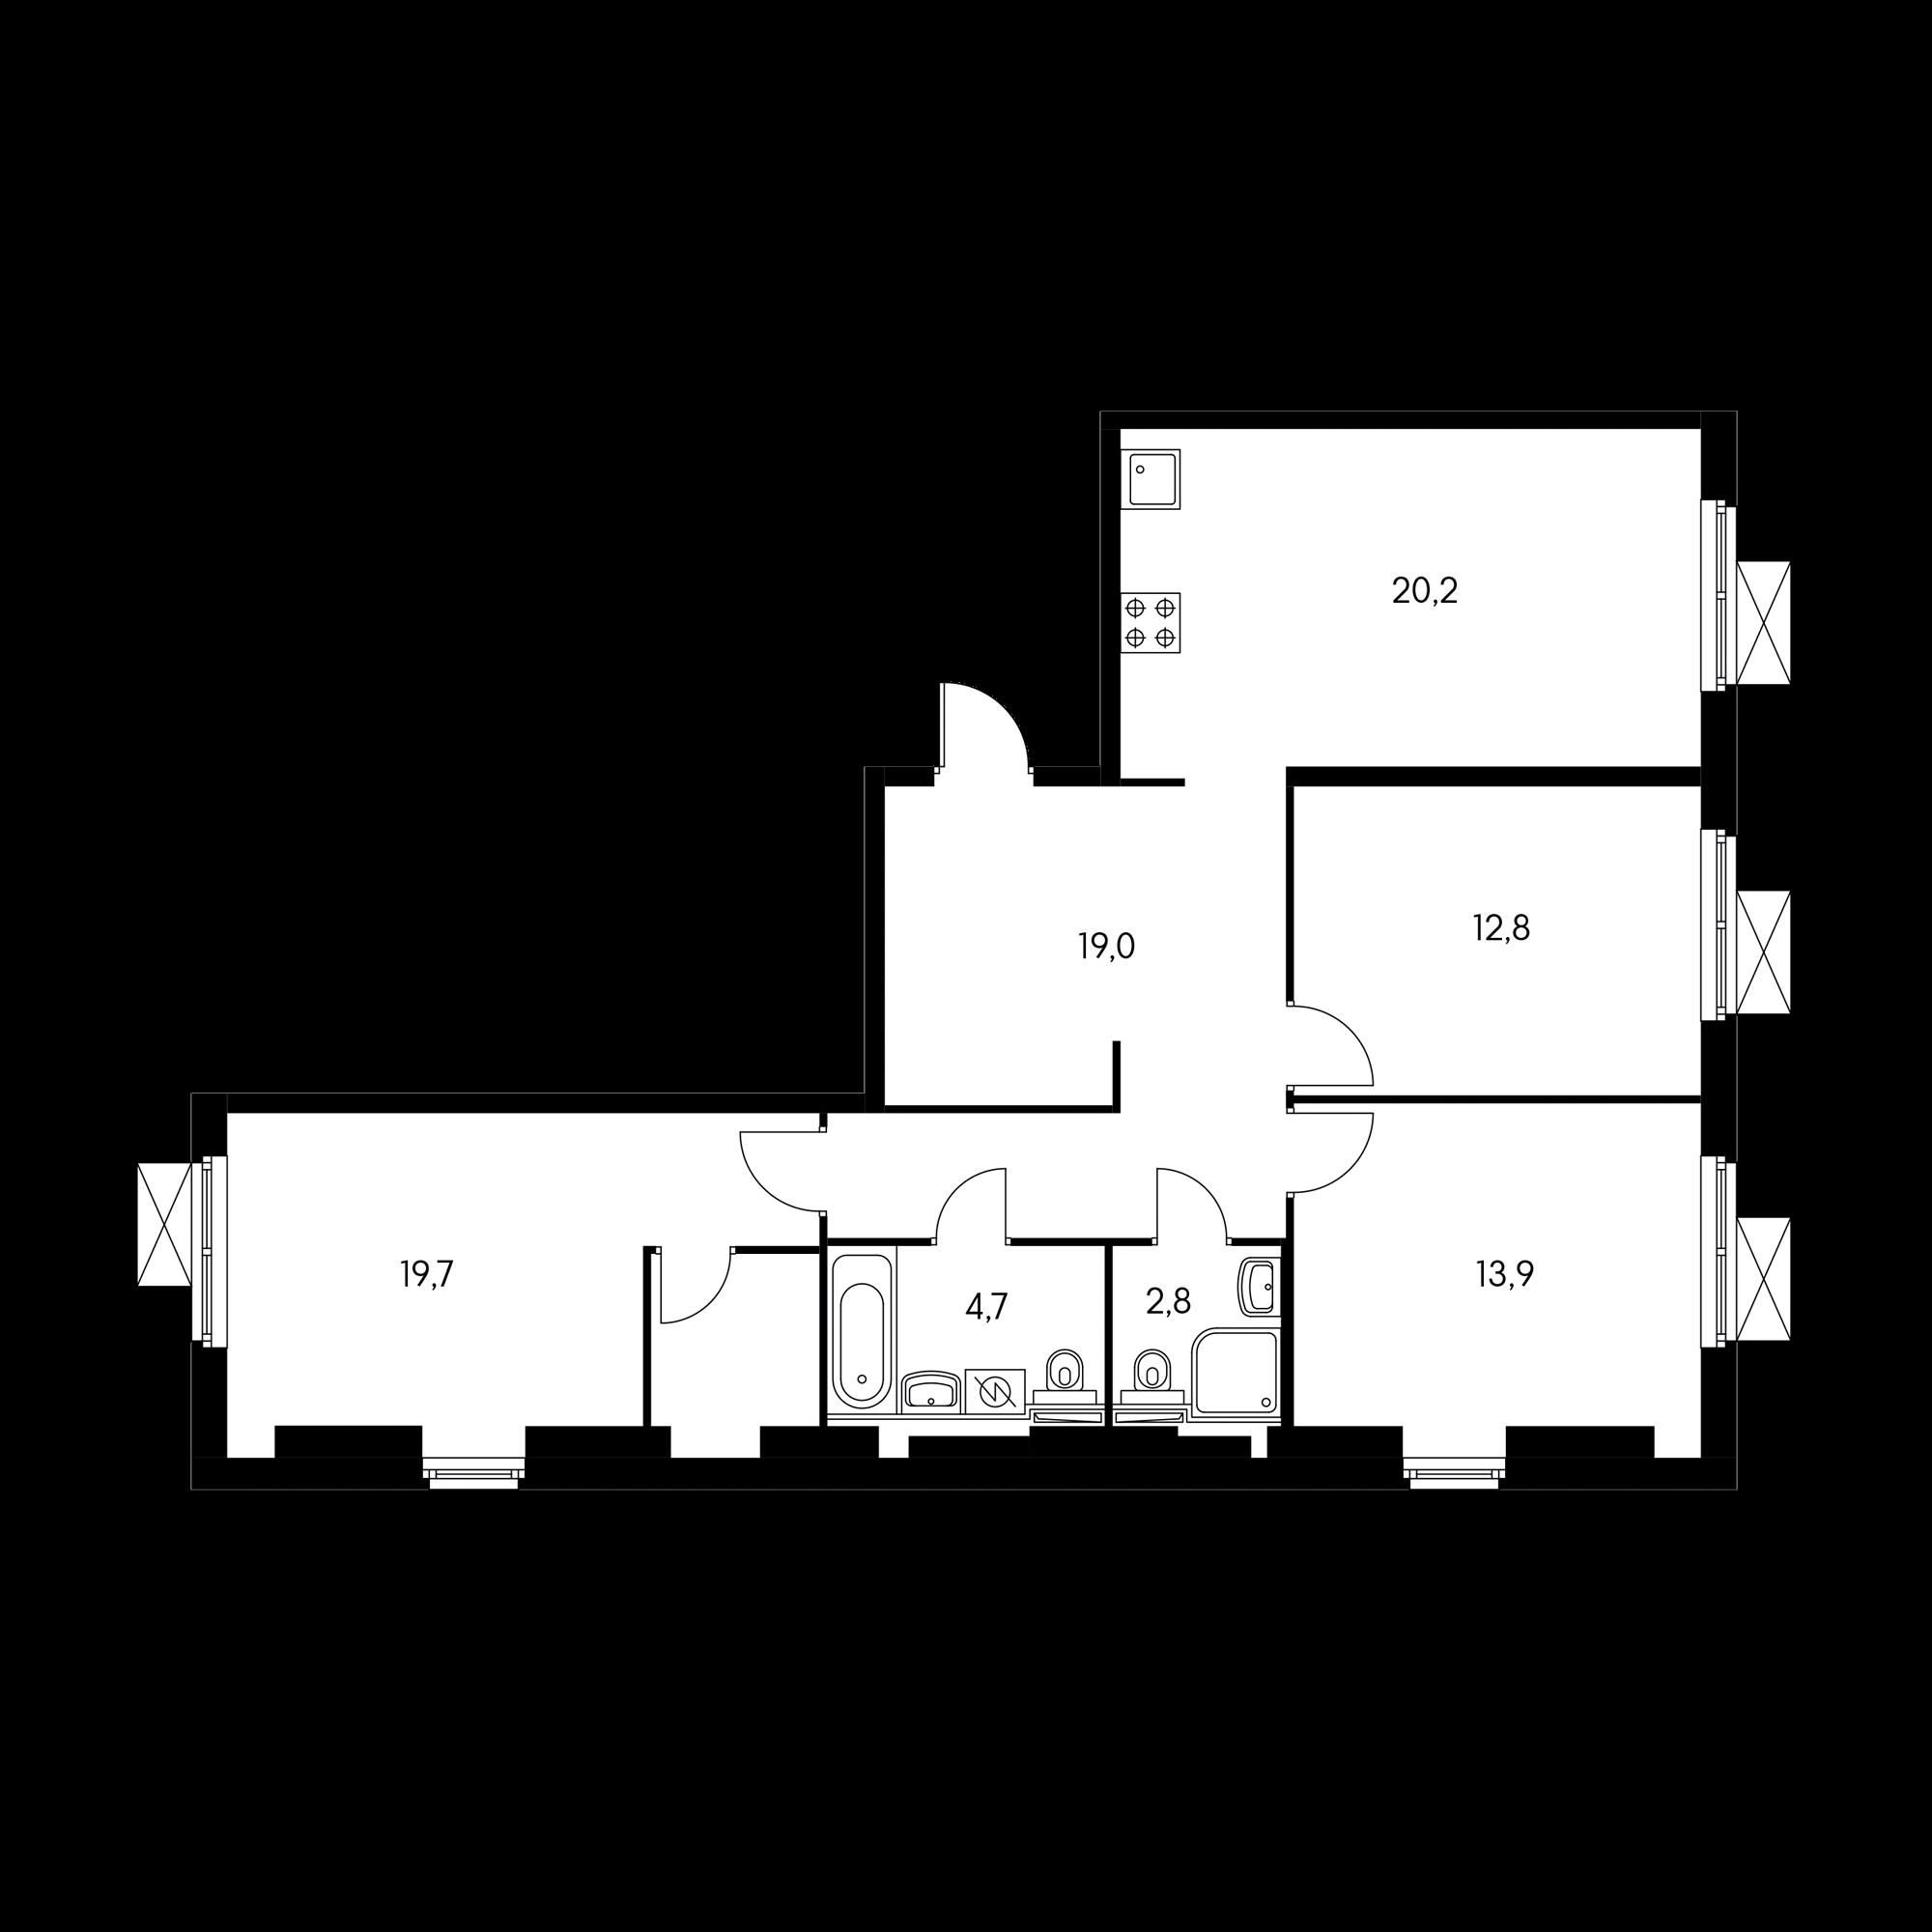 3EL3_10.2-1.1_Т